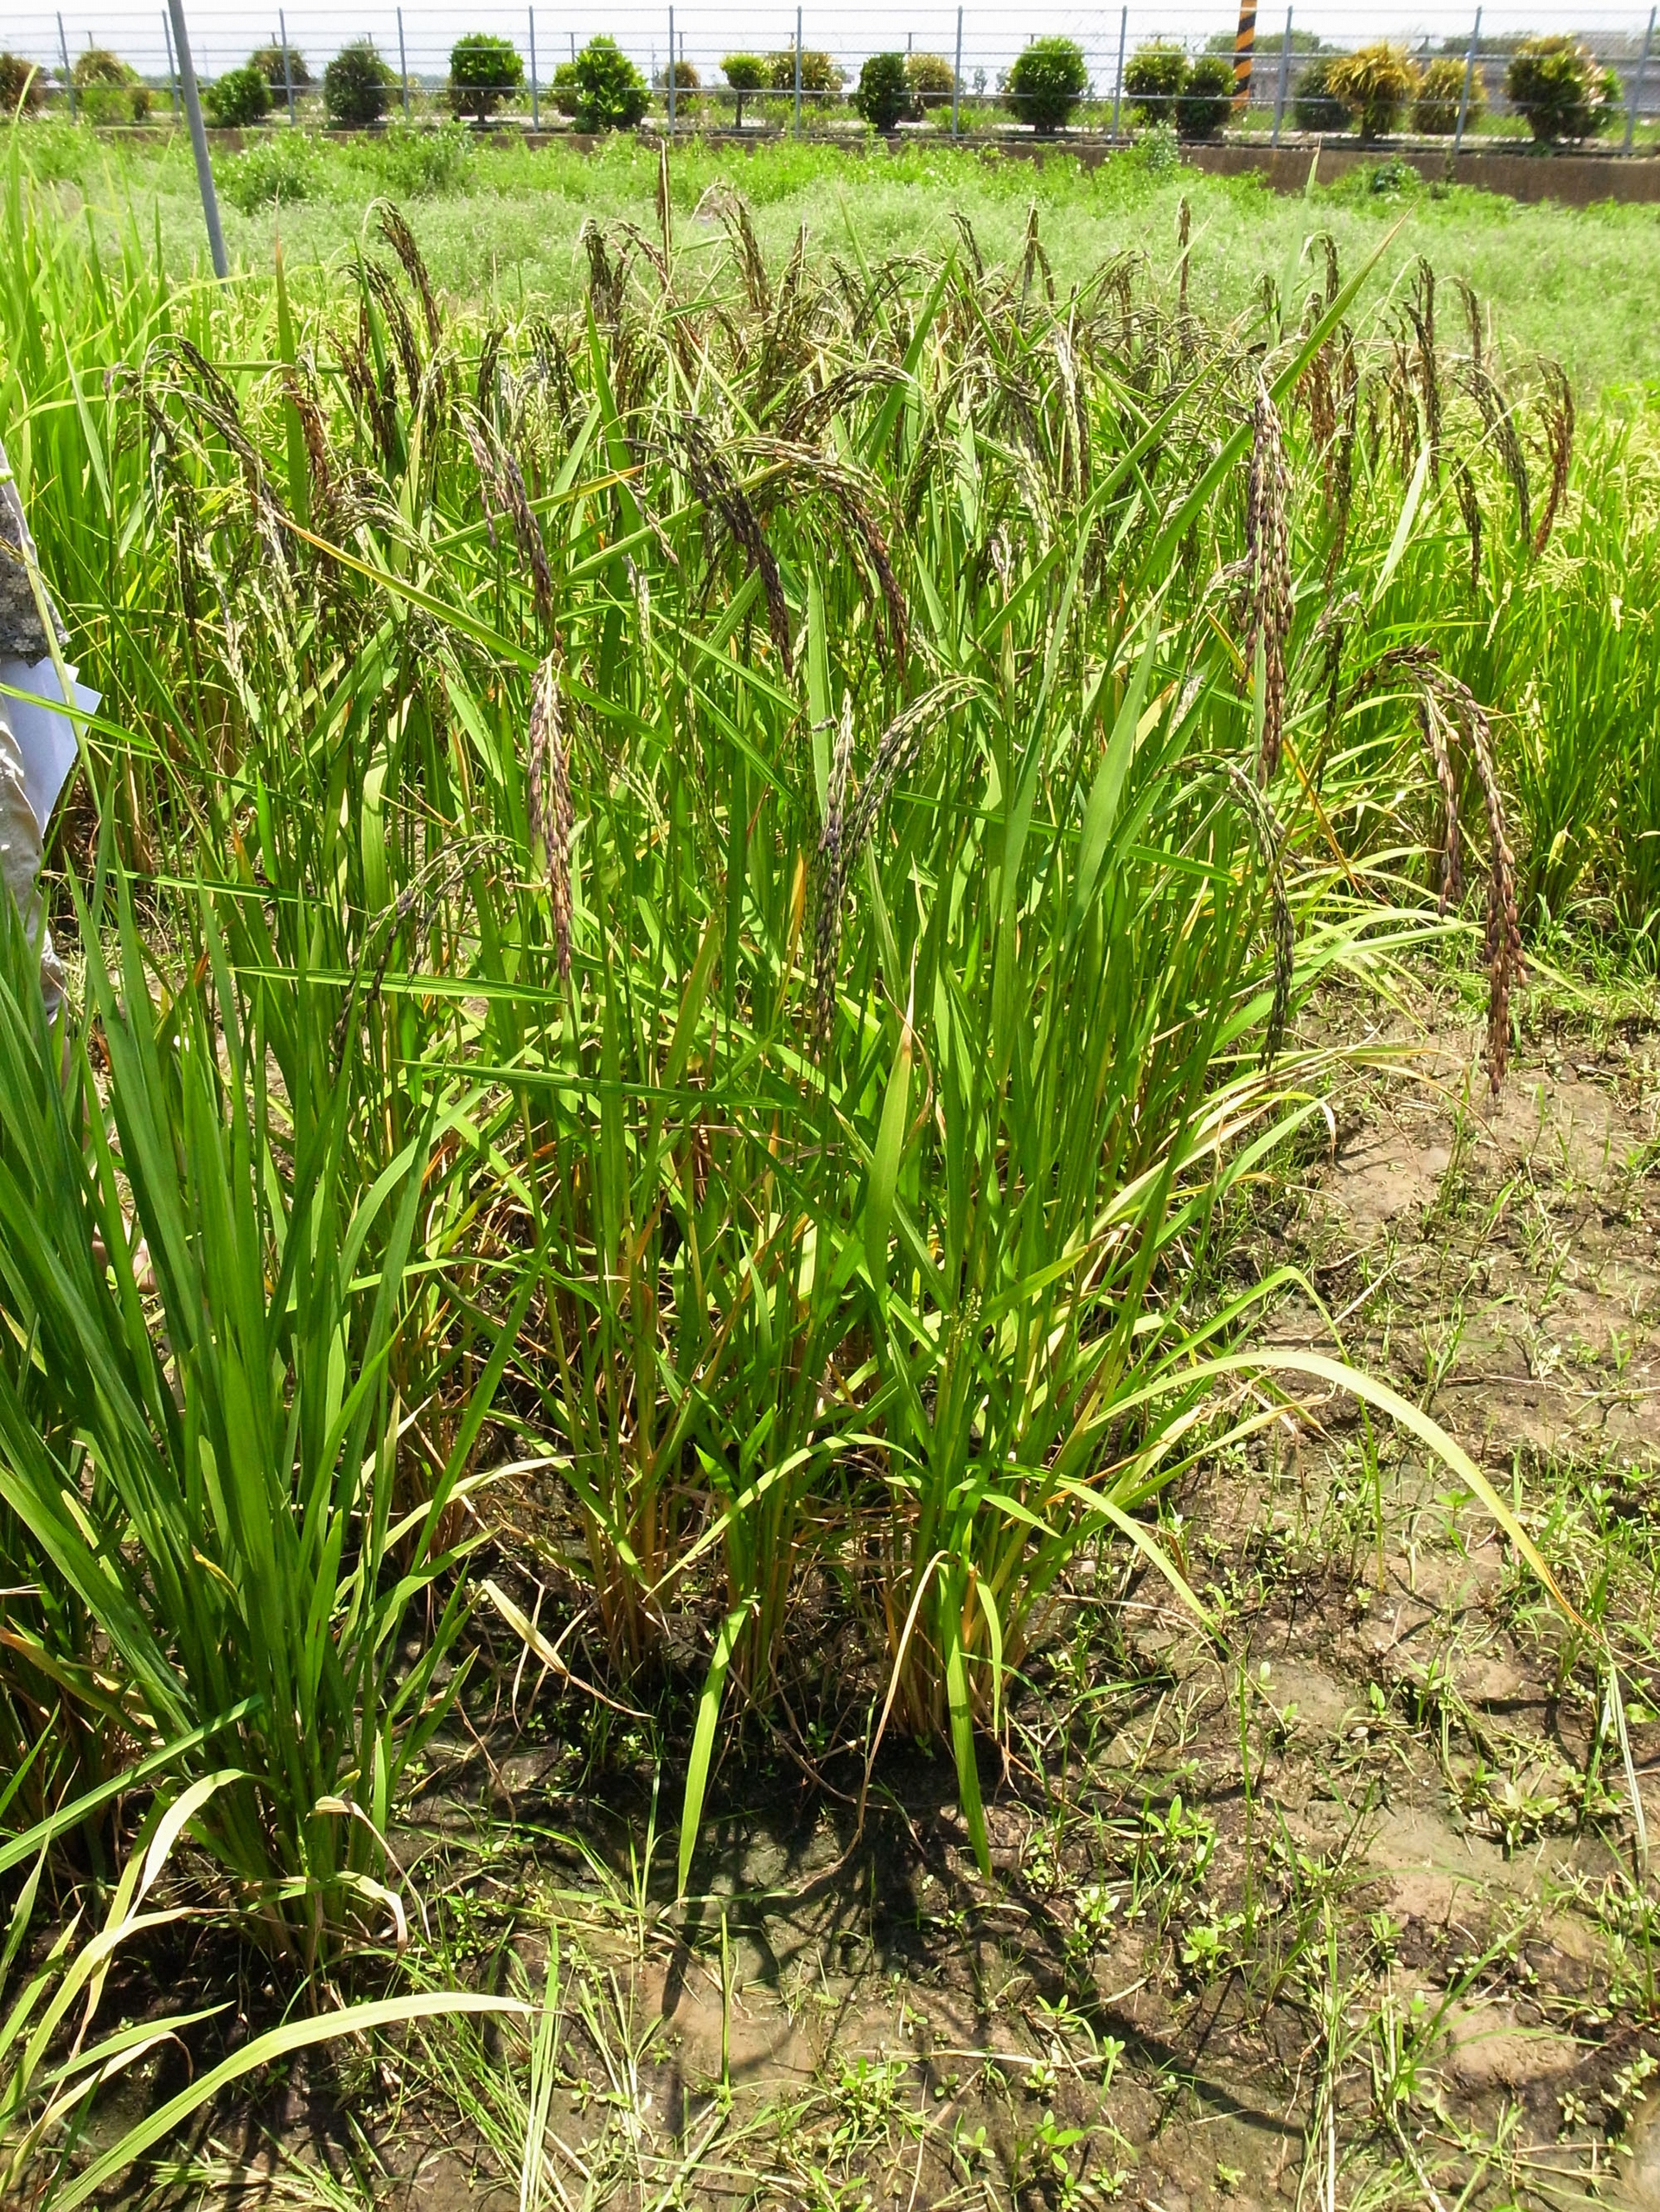 圖為山地陸稻。陸稻和水稻都是亞洲栽培稻 (Oryza sativa),只是種在水田的叫水稻,種植在旱地的就是陸稻了。 <br>圖片來源│邢禹依